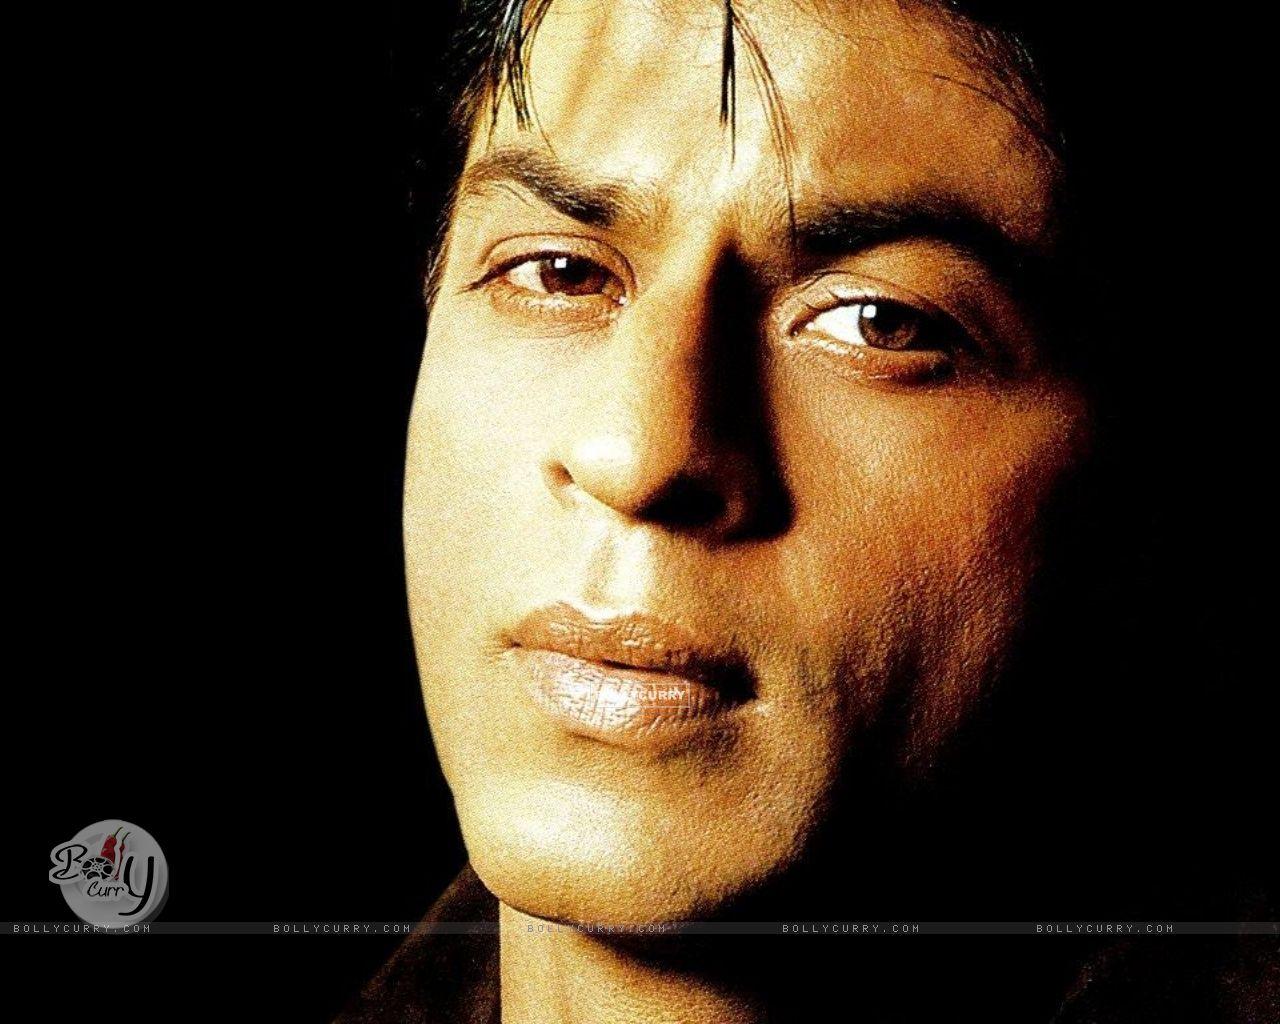 Shahrukh Khan - Beautiful Photos